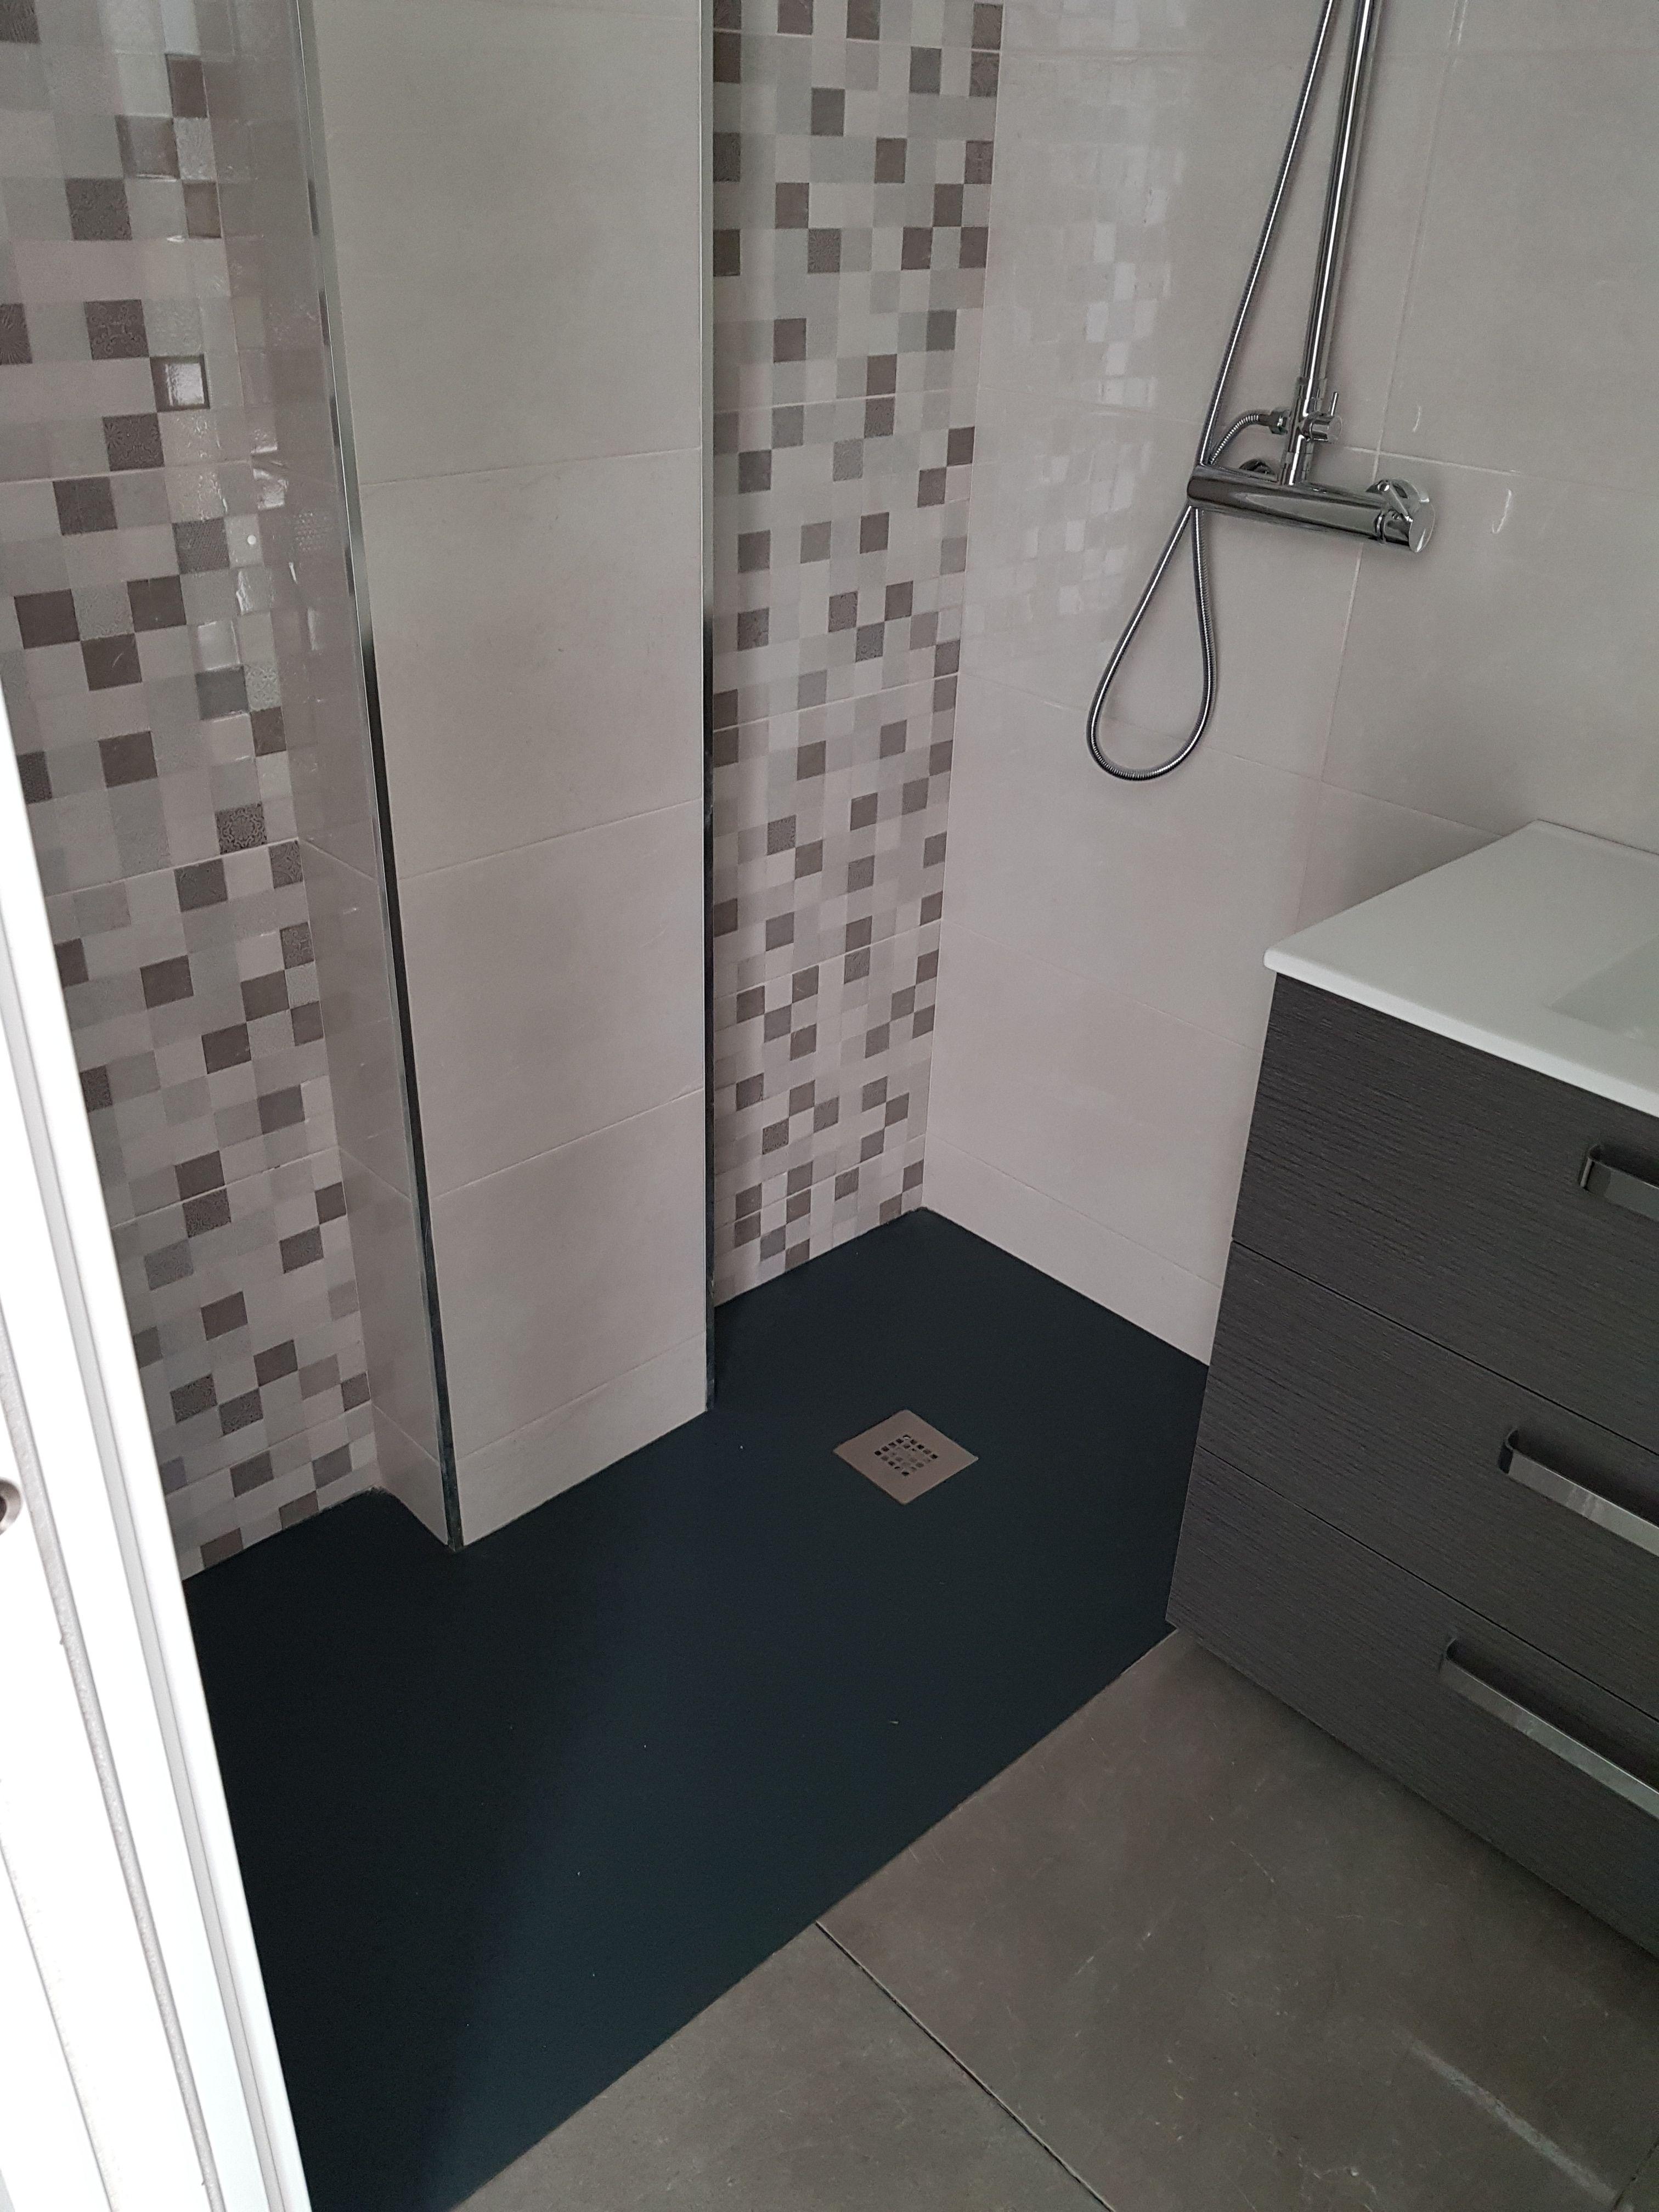 Cambio de bañera por ducha: Servicios de Coordinación y Ejecución de Obras